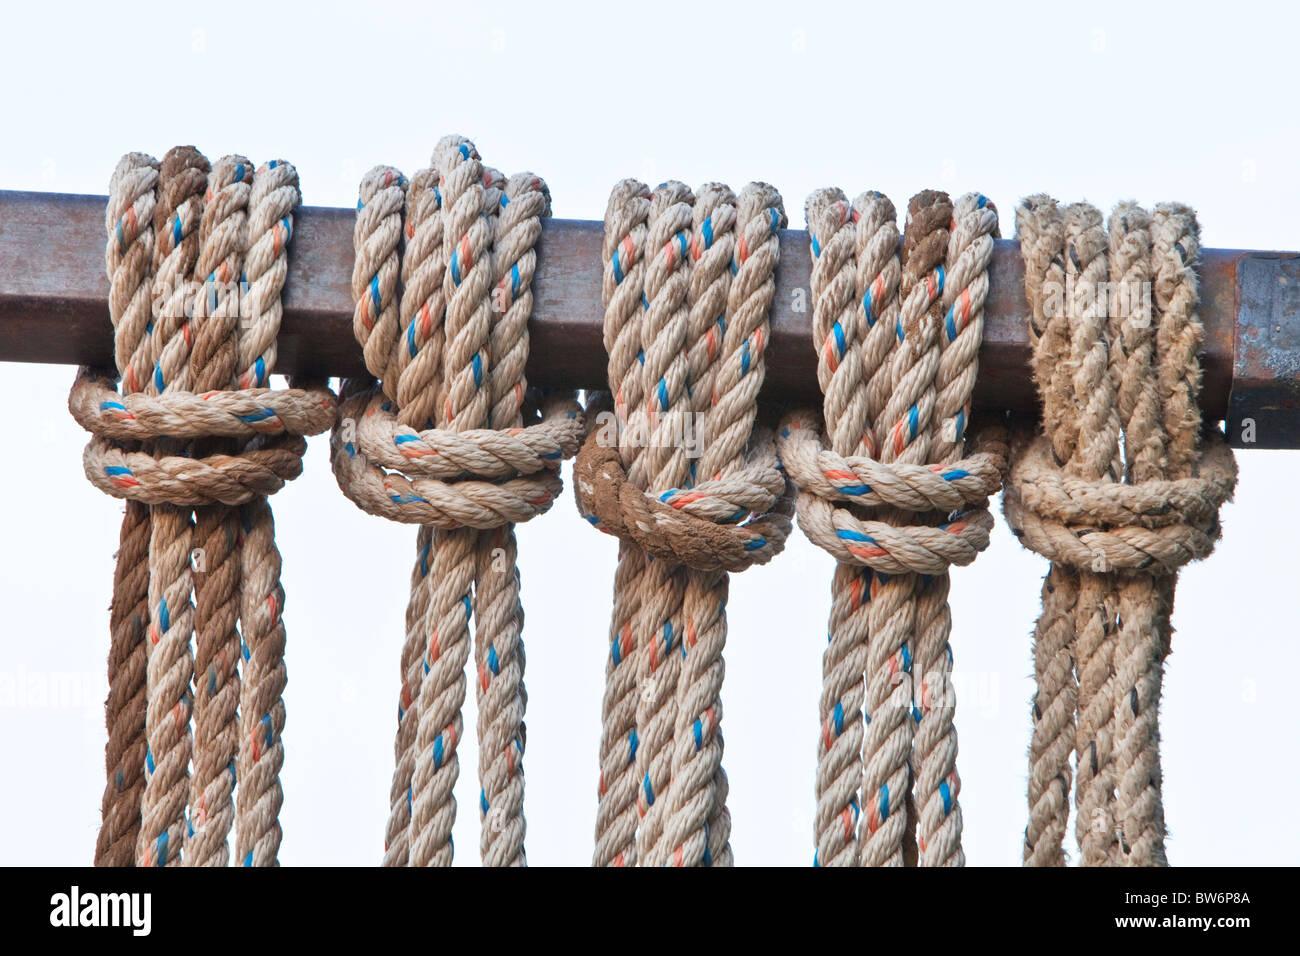 La tête d'alouette inverse noeuds, couleur mouchetée de la corde. Photo Stock